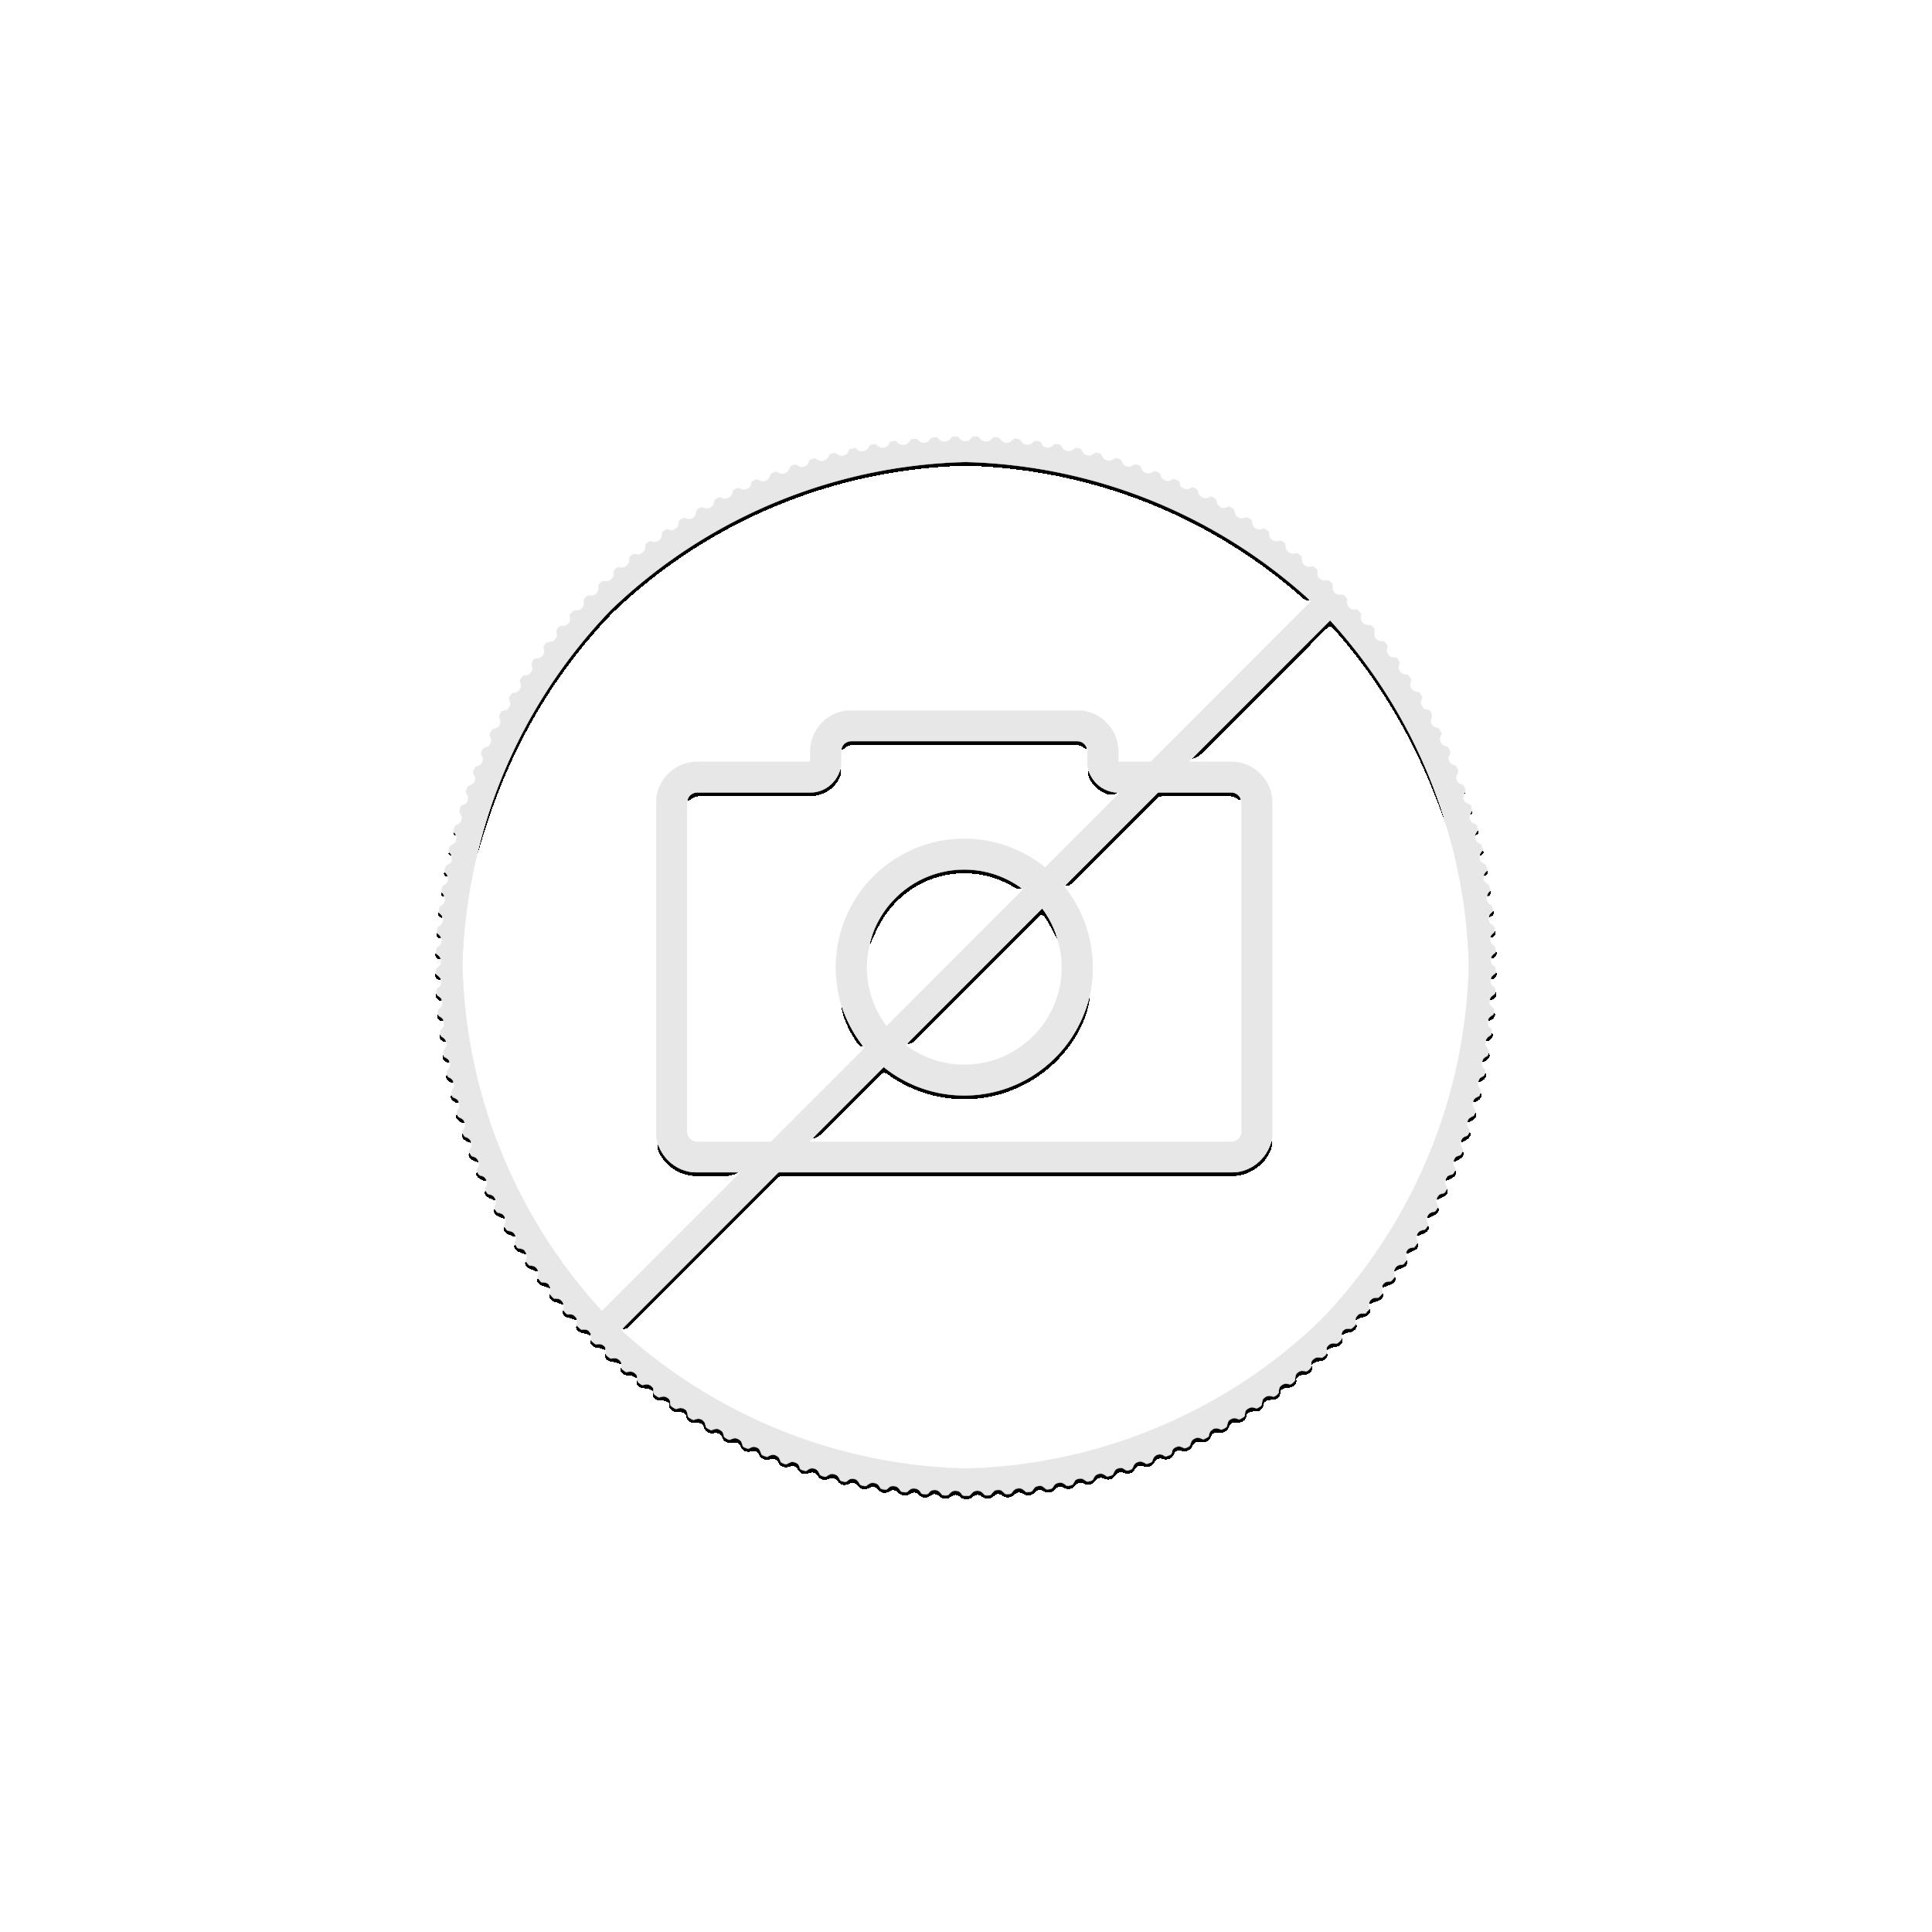 Lunar zilver kilo munt 2016 - jaar van de aap